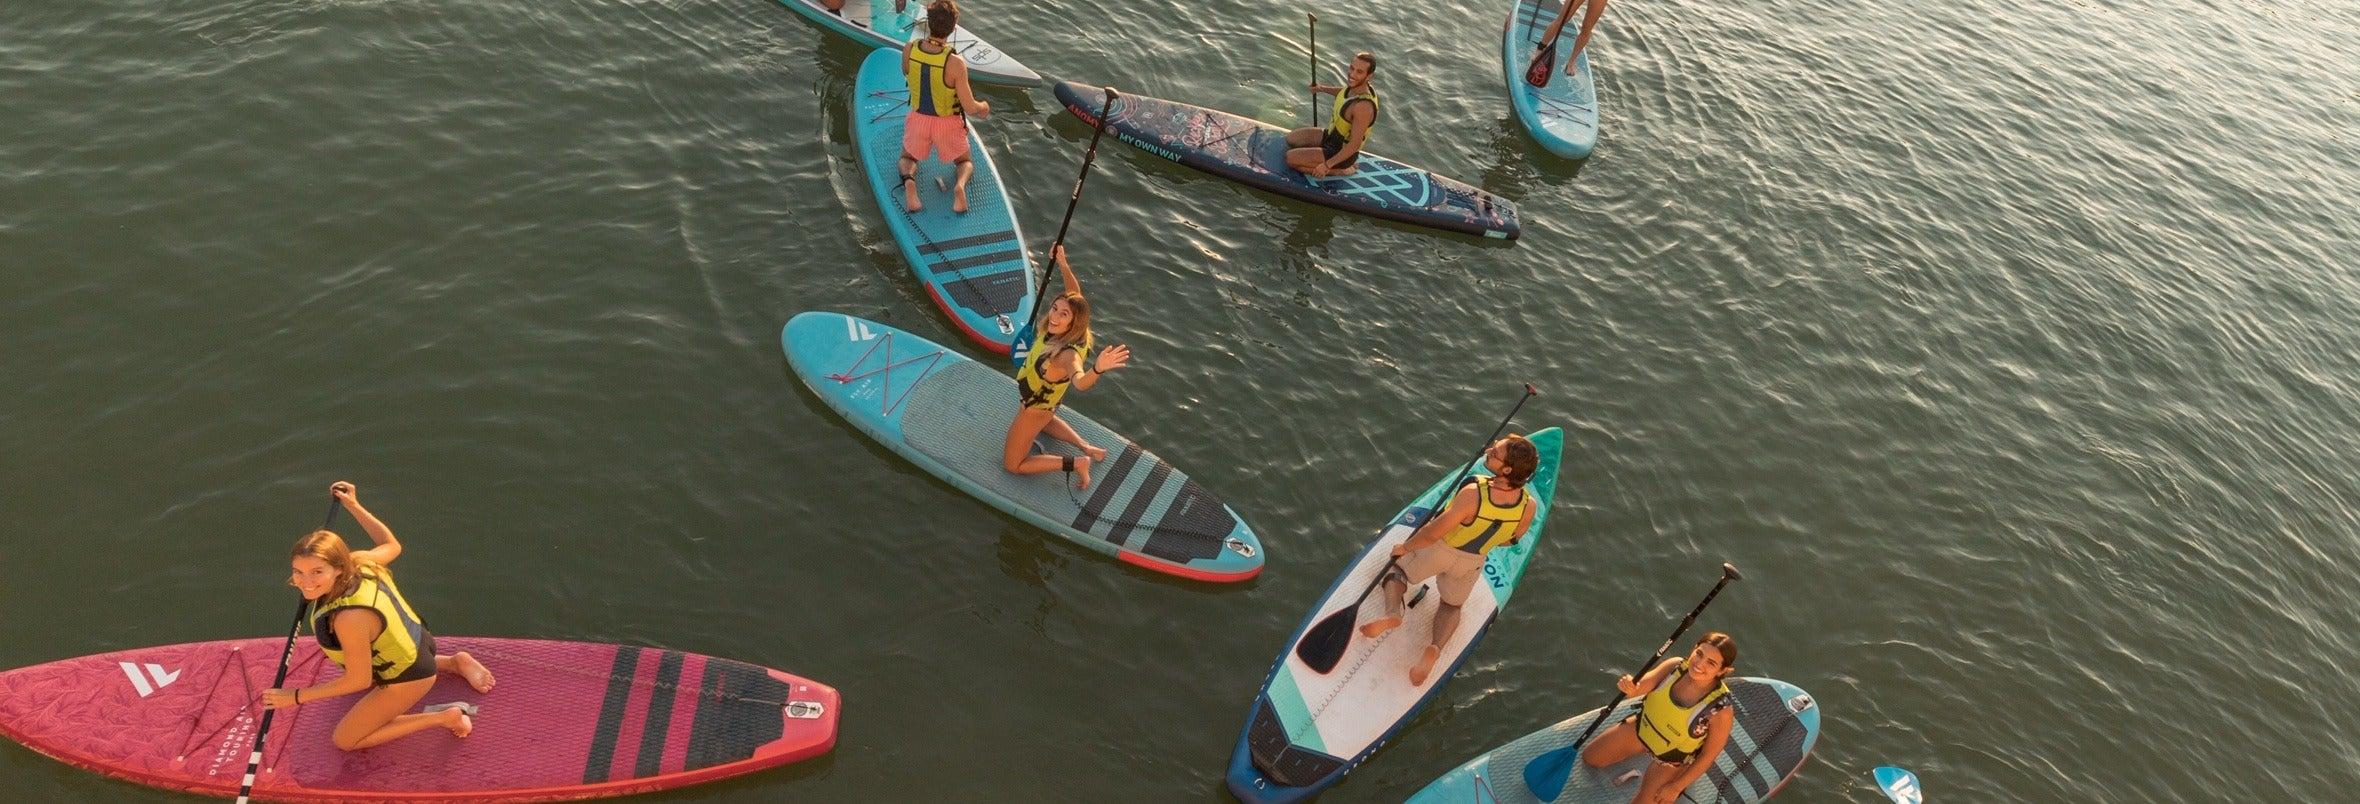 Paddle Surf Rental in Seville